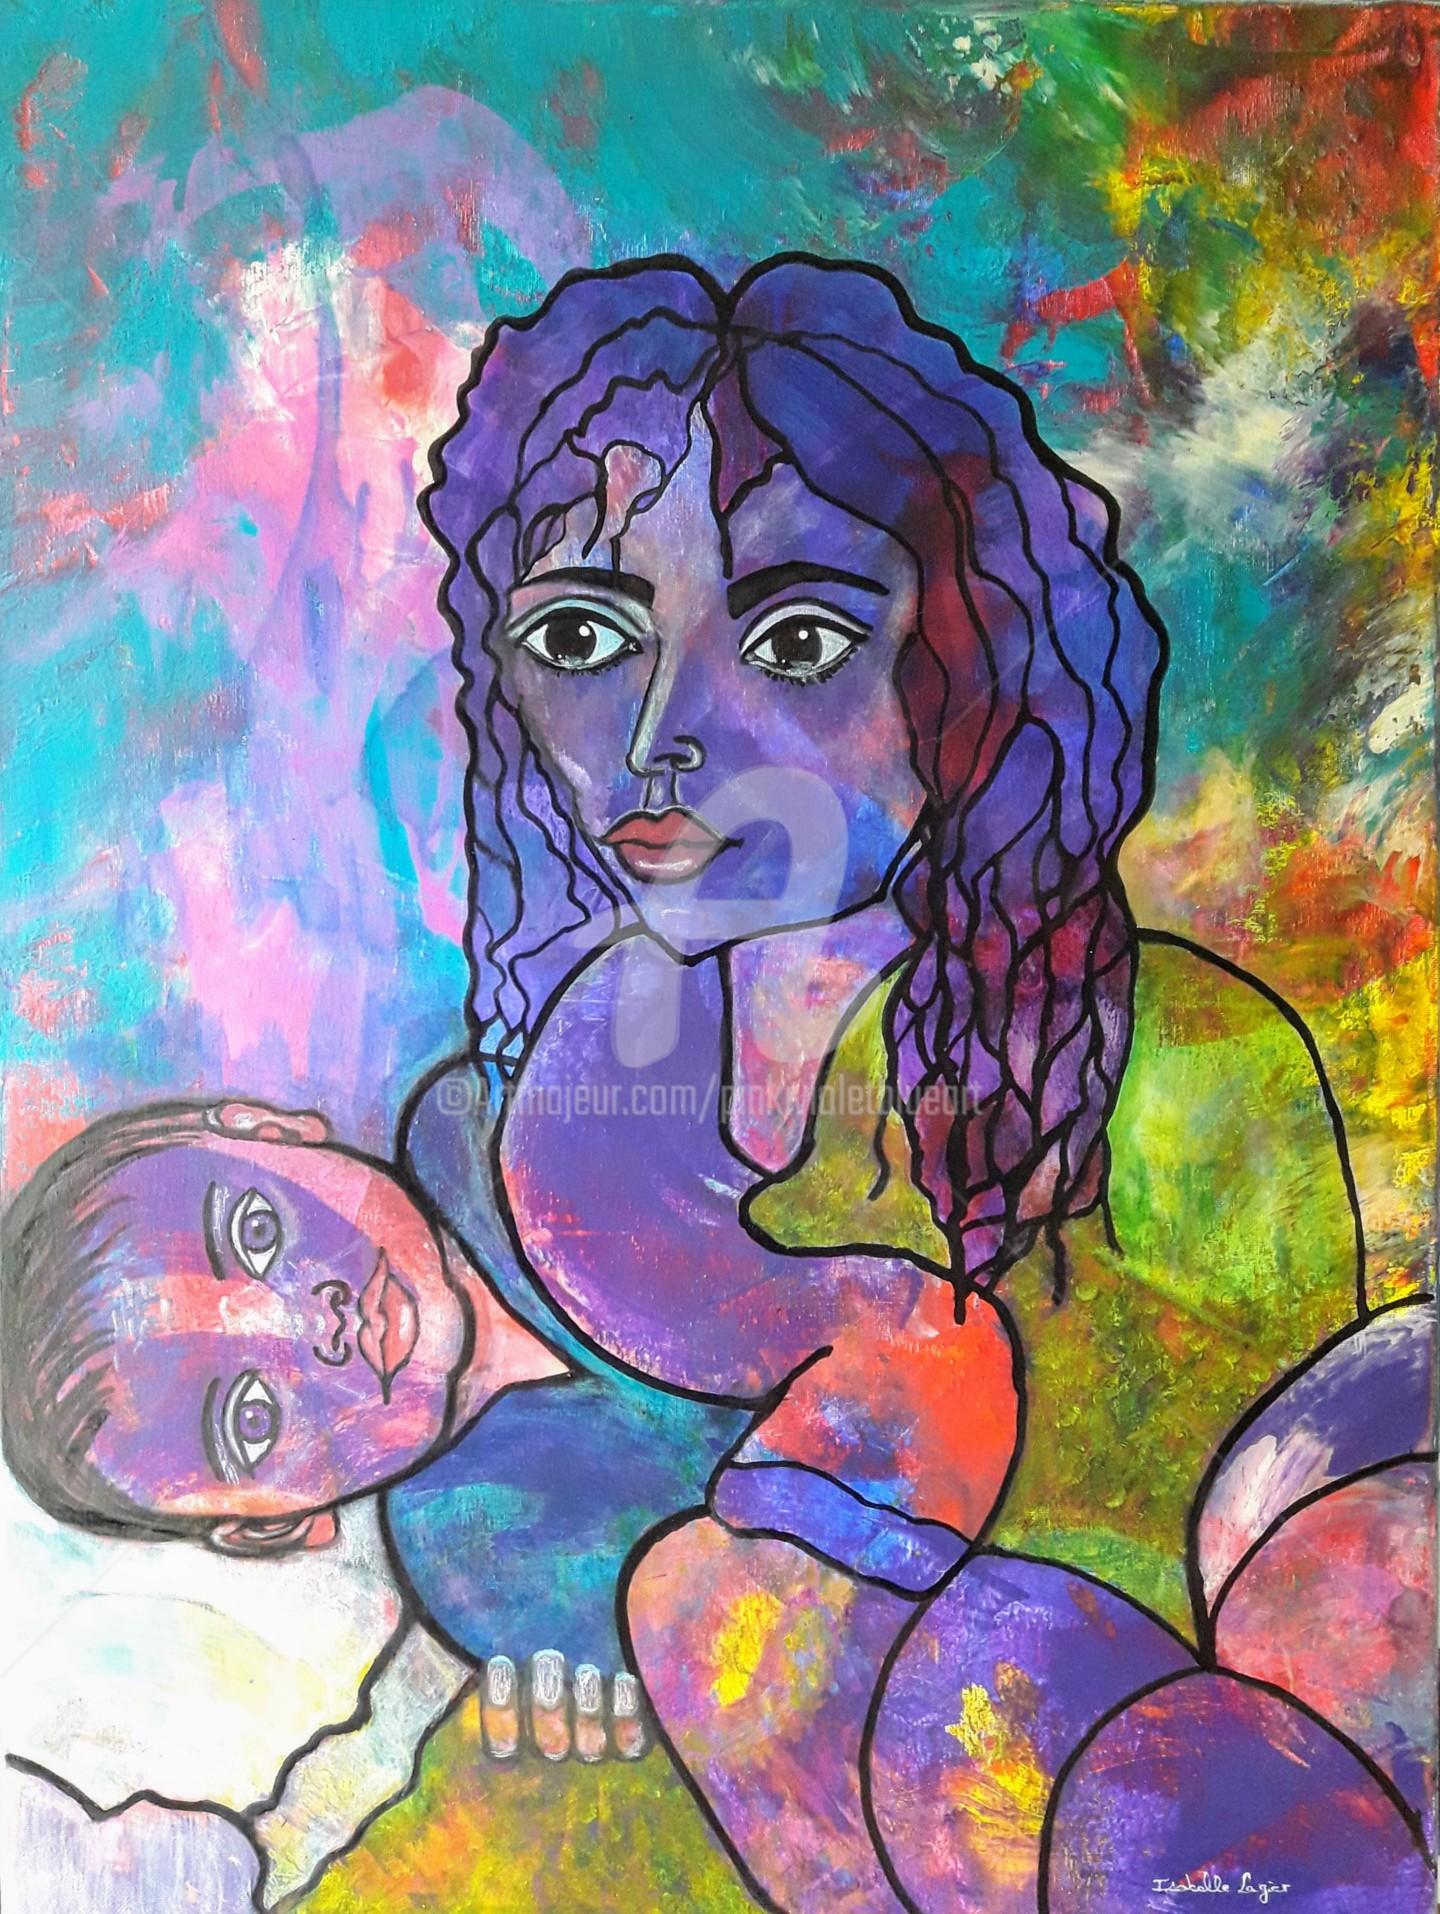 Pinkivioletblue - La demoiselle souffrant de dépression post-partum